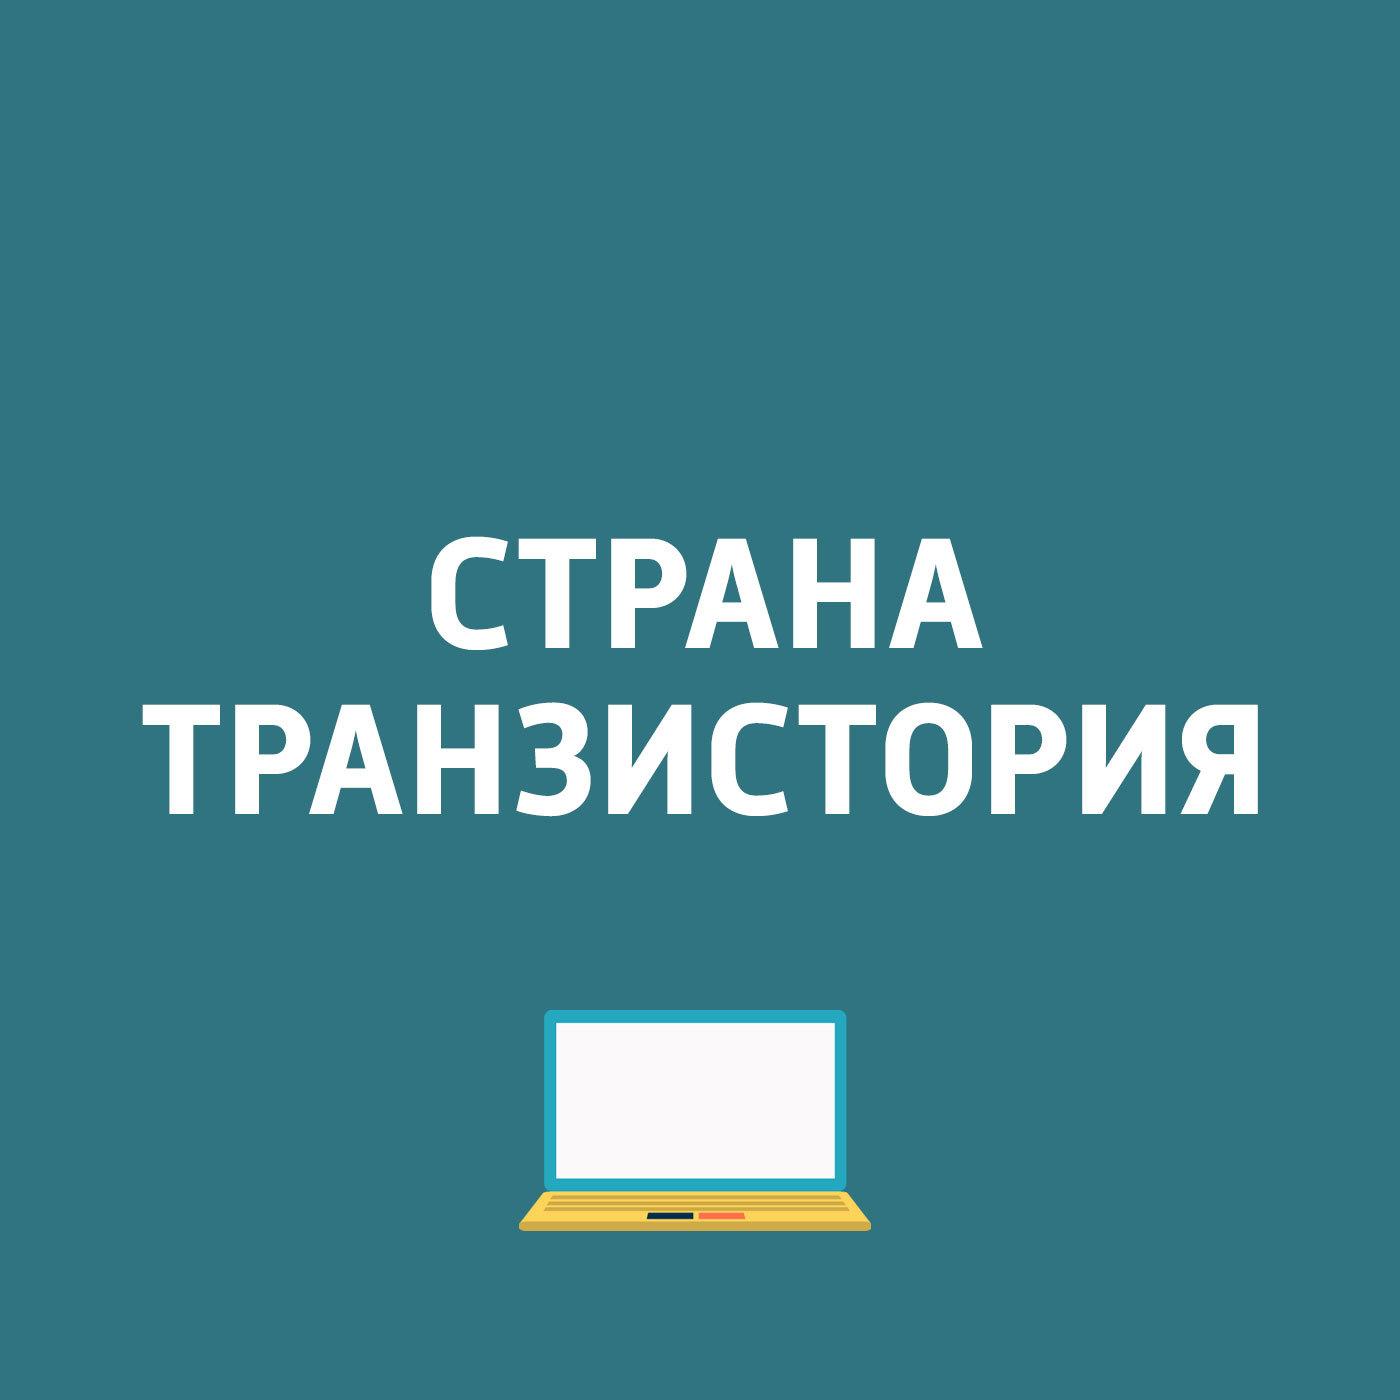 Картаев Павел Каршеринг «Яндекса вышел из беты; Корейский робот-репортёр пишет статью за 1–2 секунды картаев павел о выставке игромир 2016